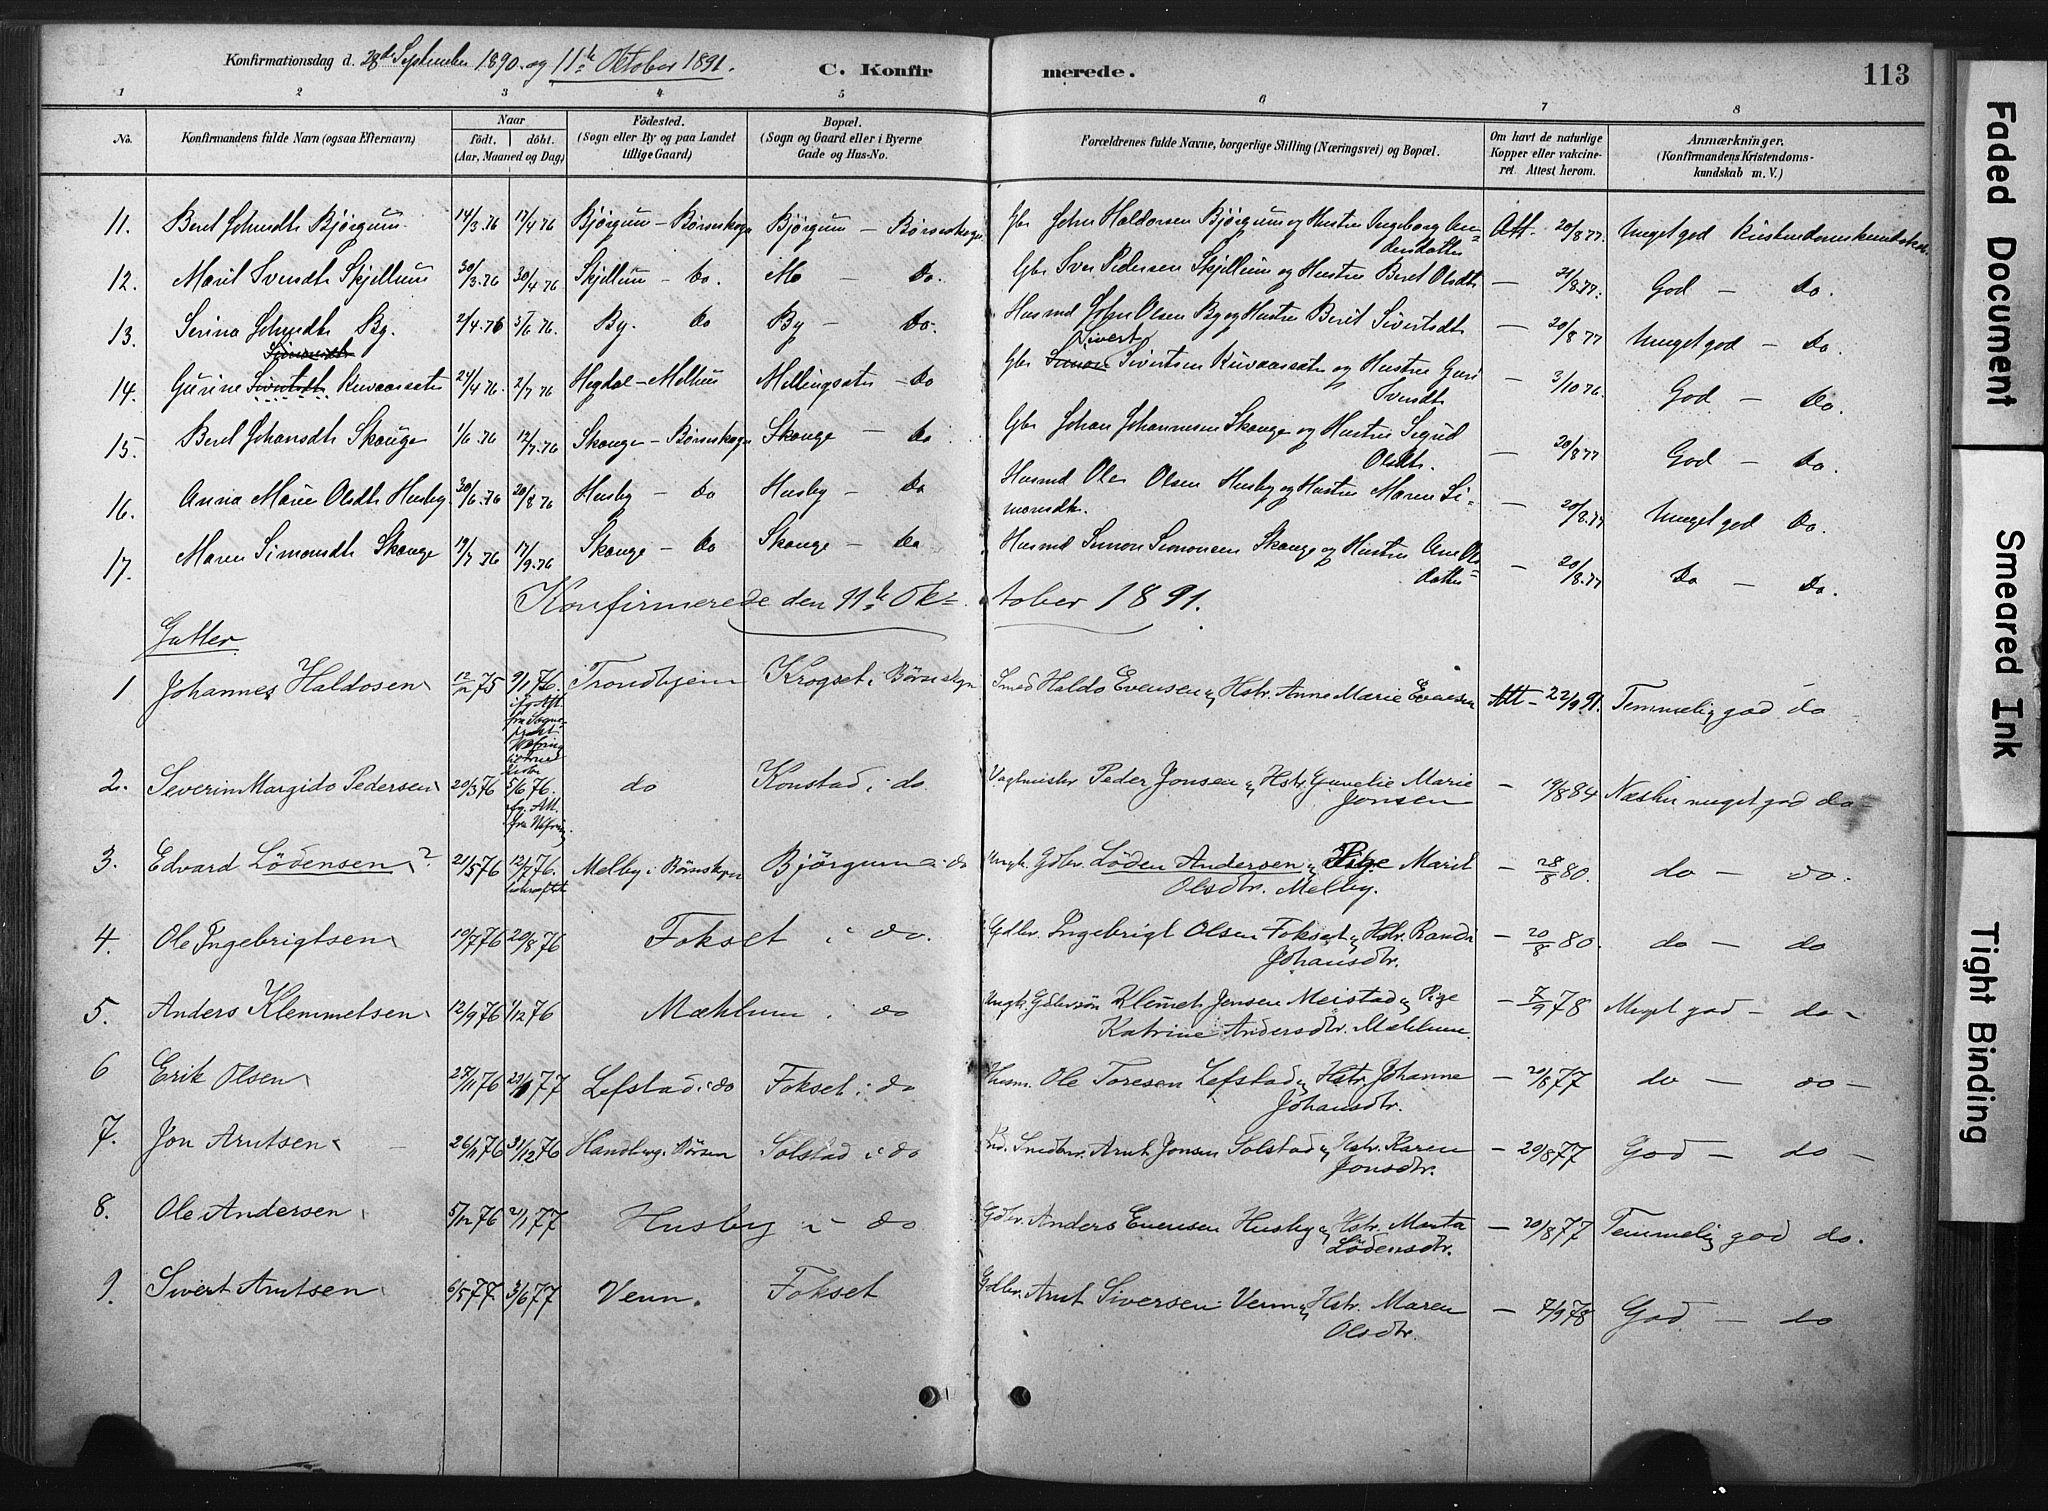 SAT, Ministerialprotokoller, klokkerbøker og fødselsregistre - Sør-Trøndelag, 667/L0795: Ministerialbok nr. 667A03, 1879-1907, s. 113